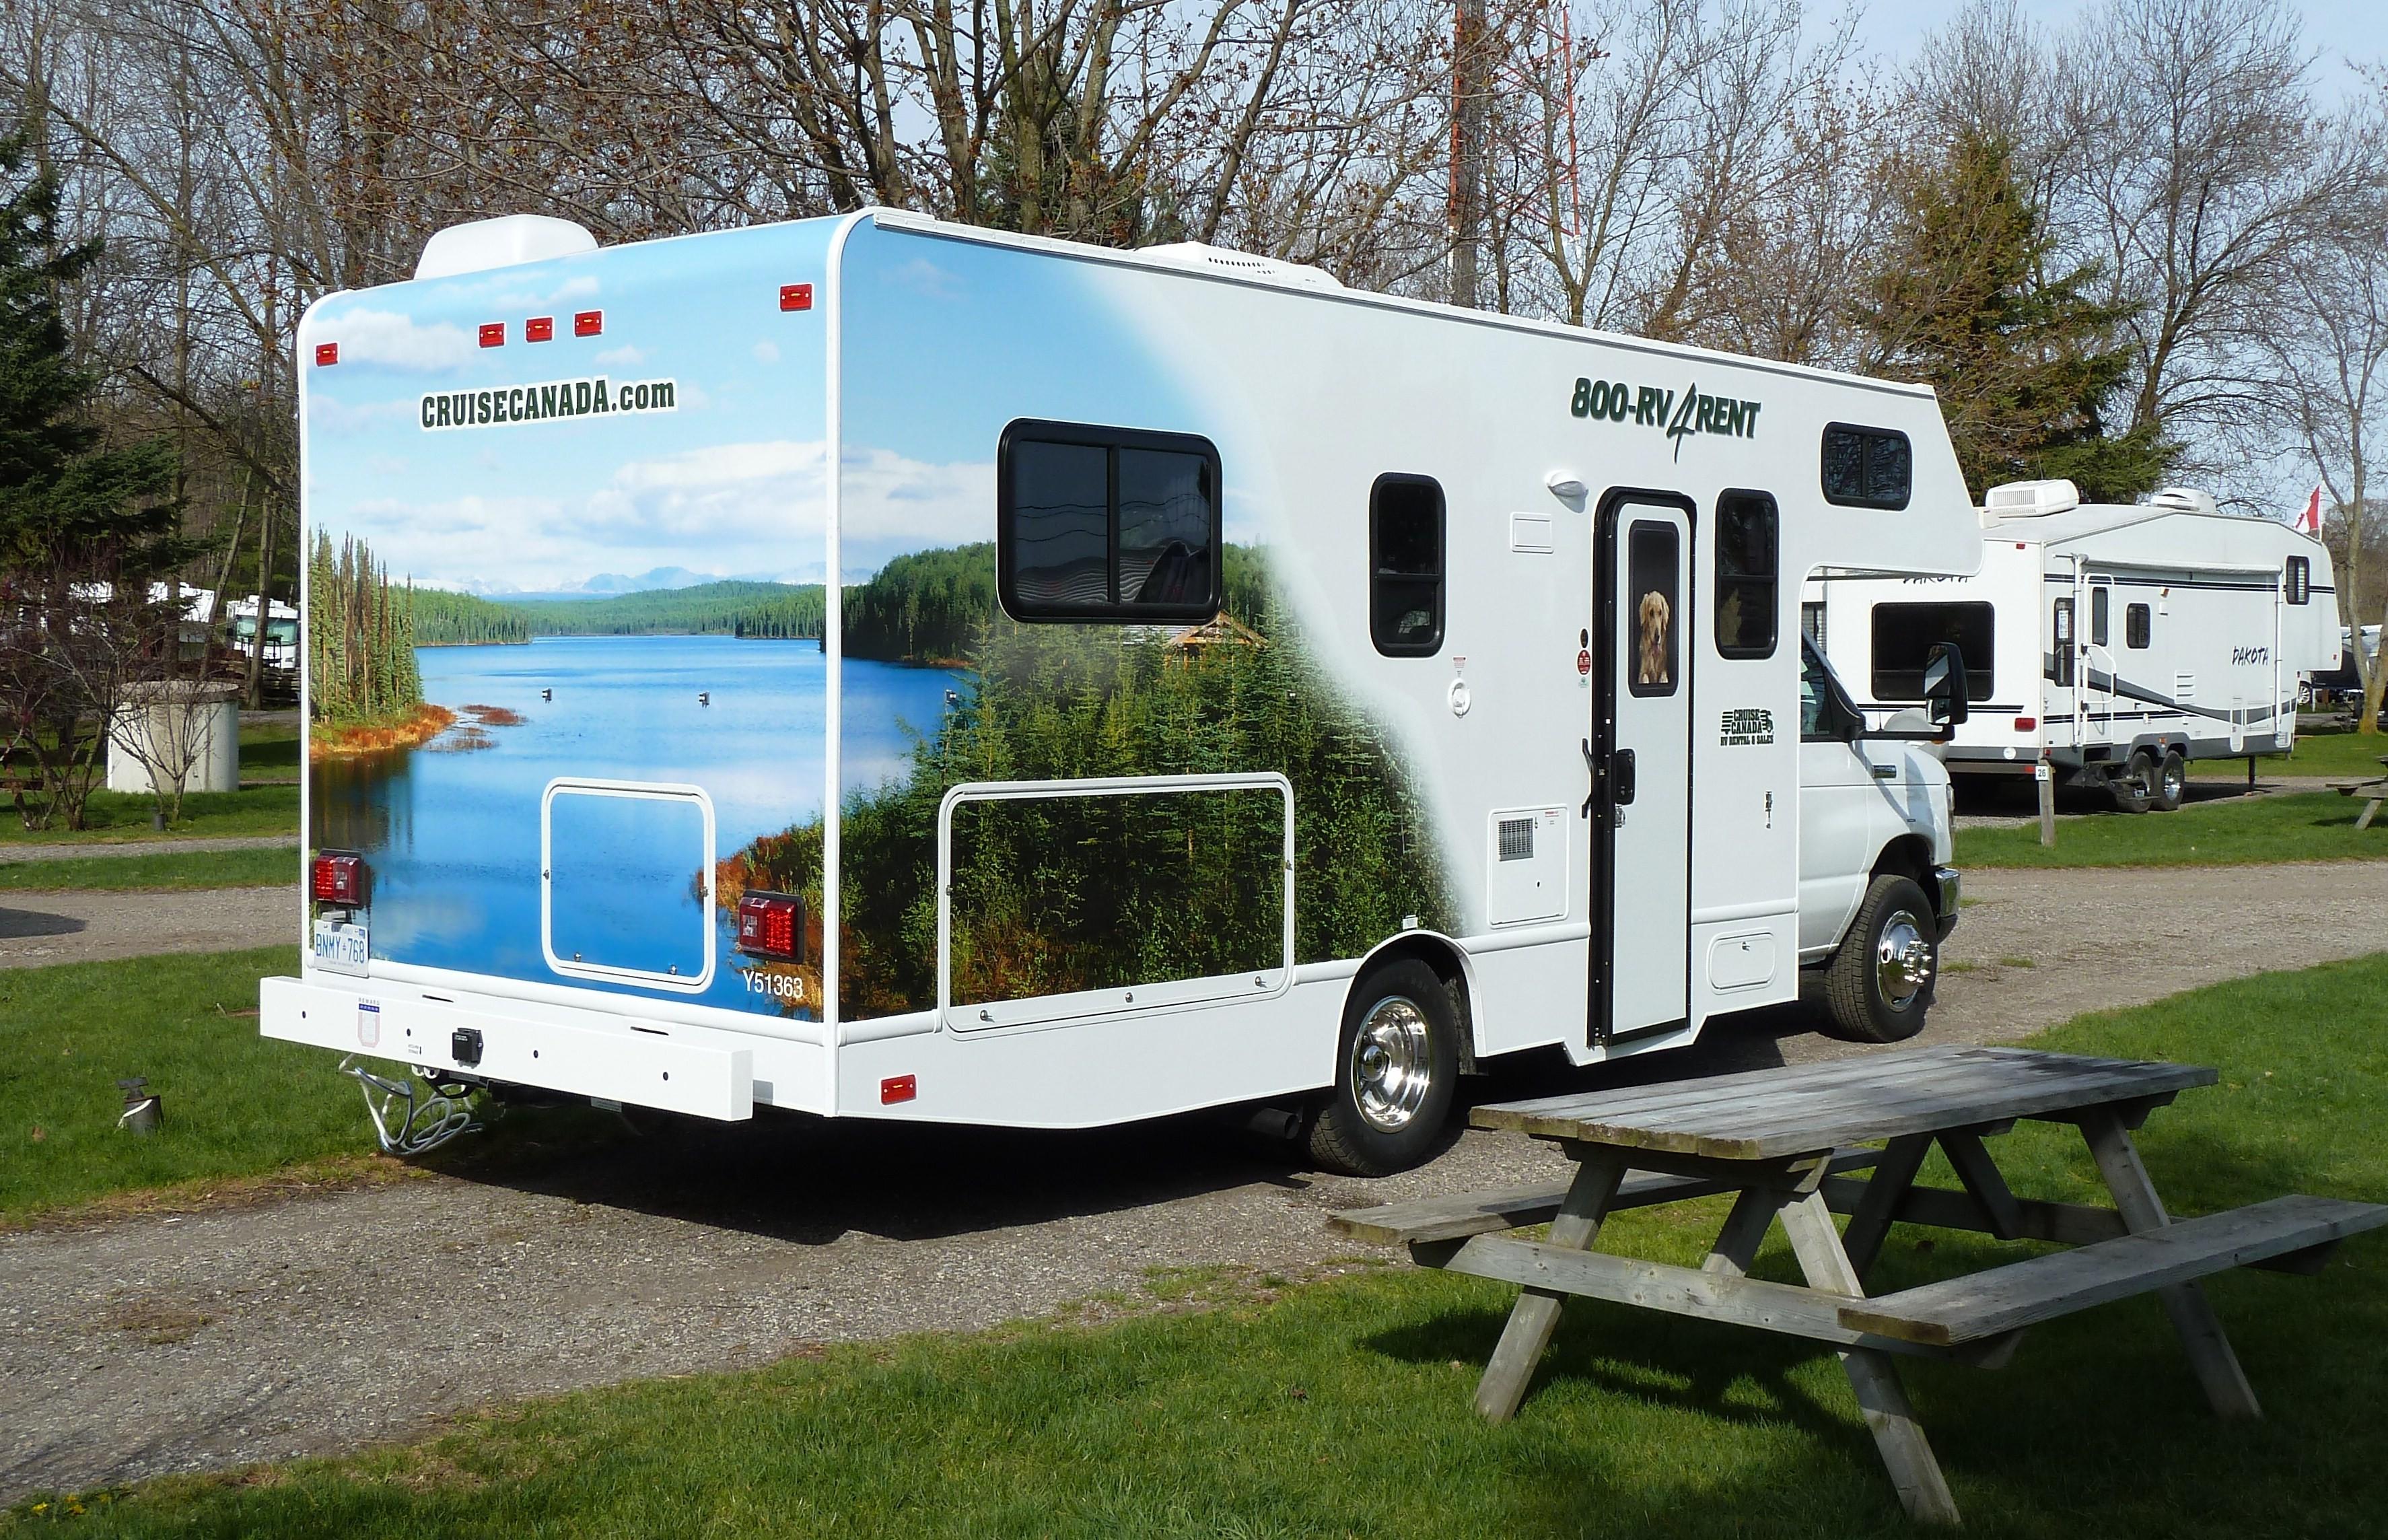 camper op camping